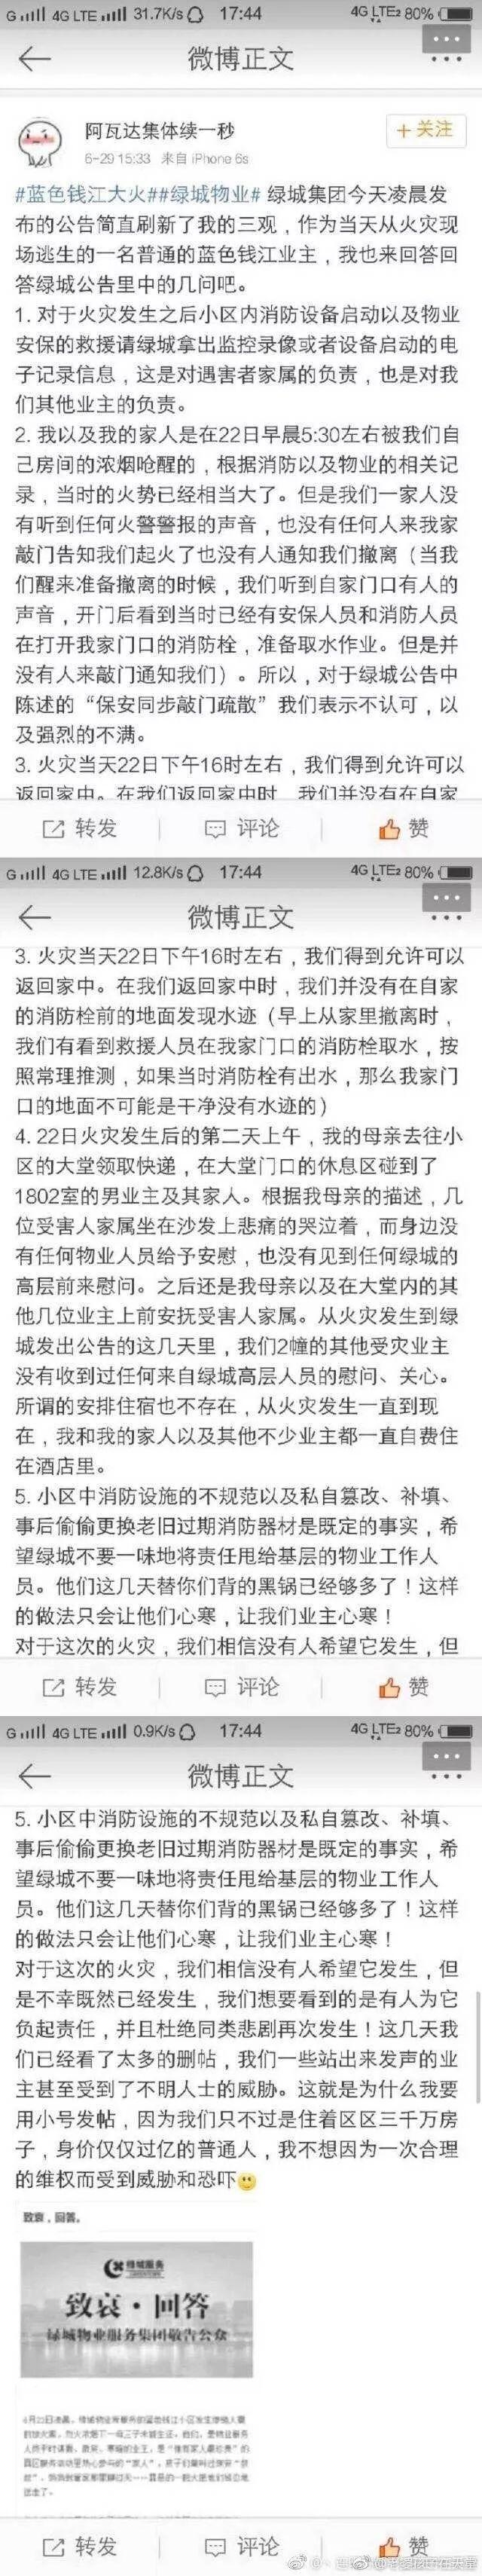 杭州保姆纵火案再度开庭:活下来的那个人,才是真正死了……